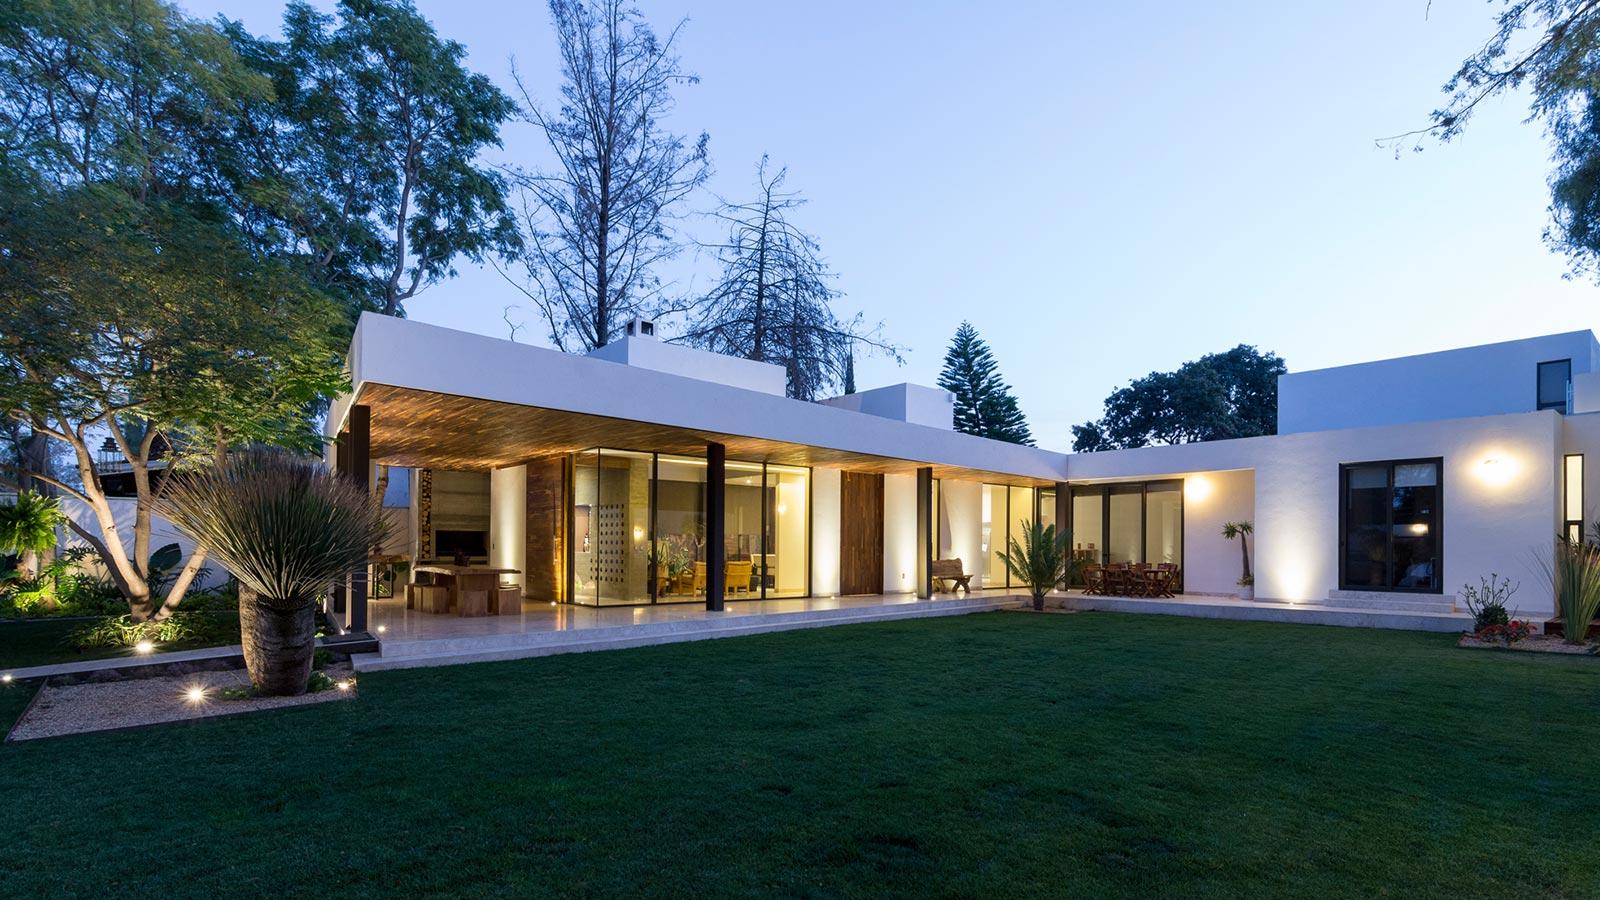 Casas em l 63 projetos com plantas e fotos para se inspirar - Fotos de casas en forma de l ...